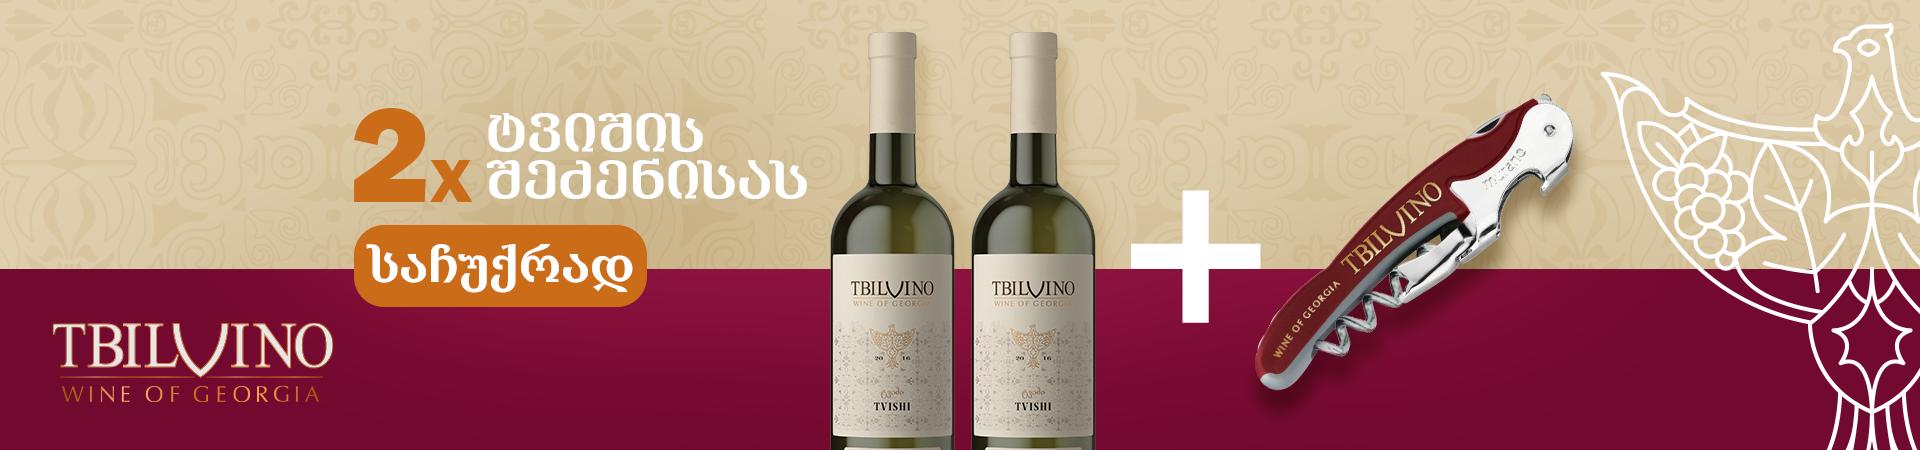 Tbilvino Tvishi 2 + Corkscrew